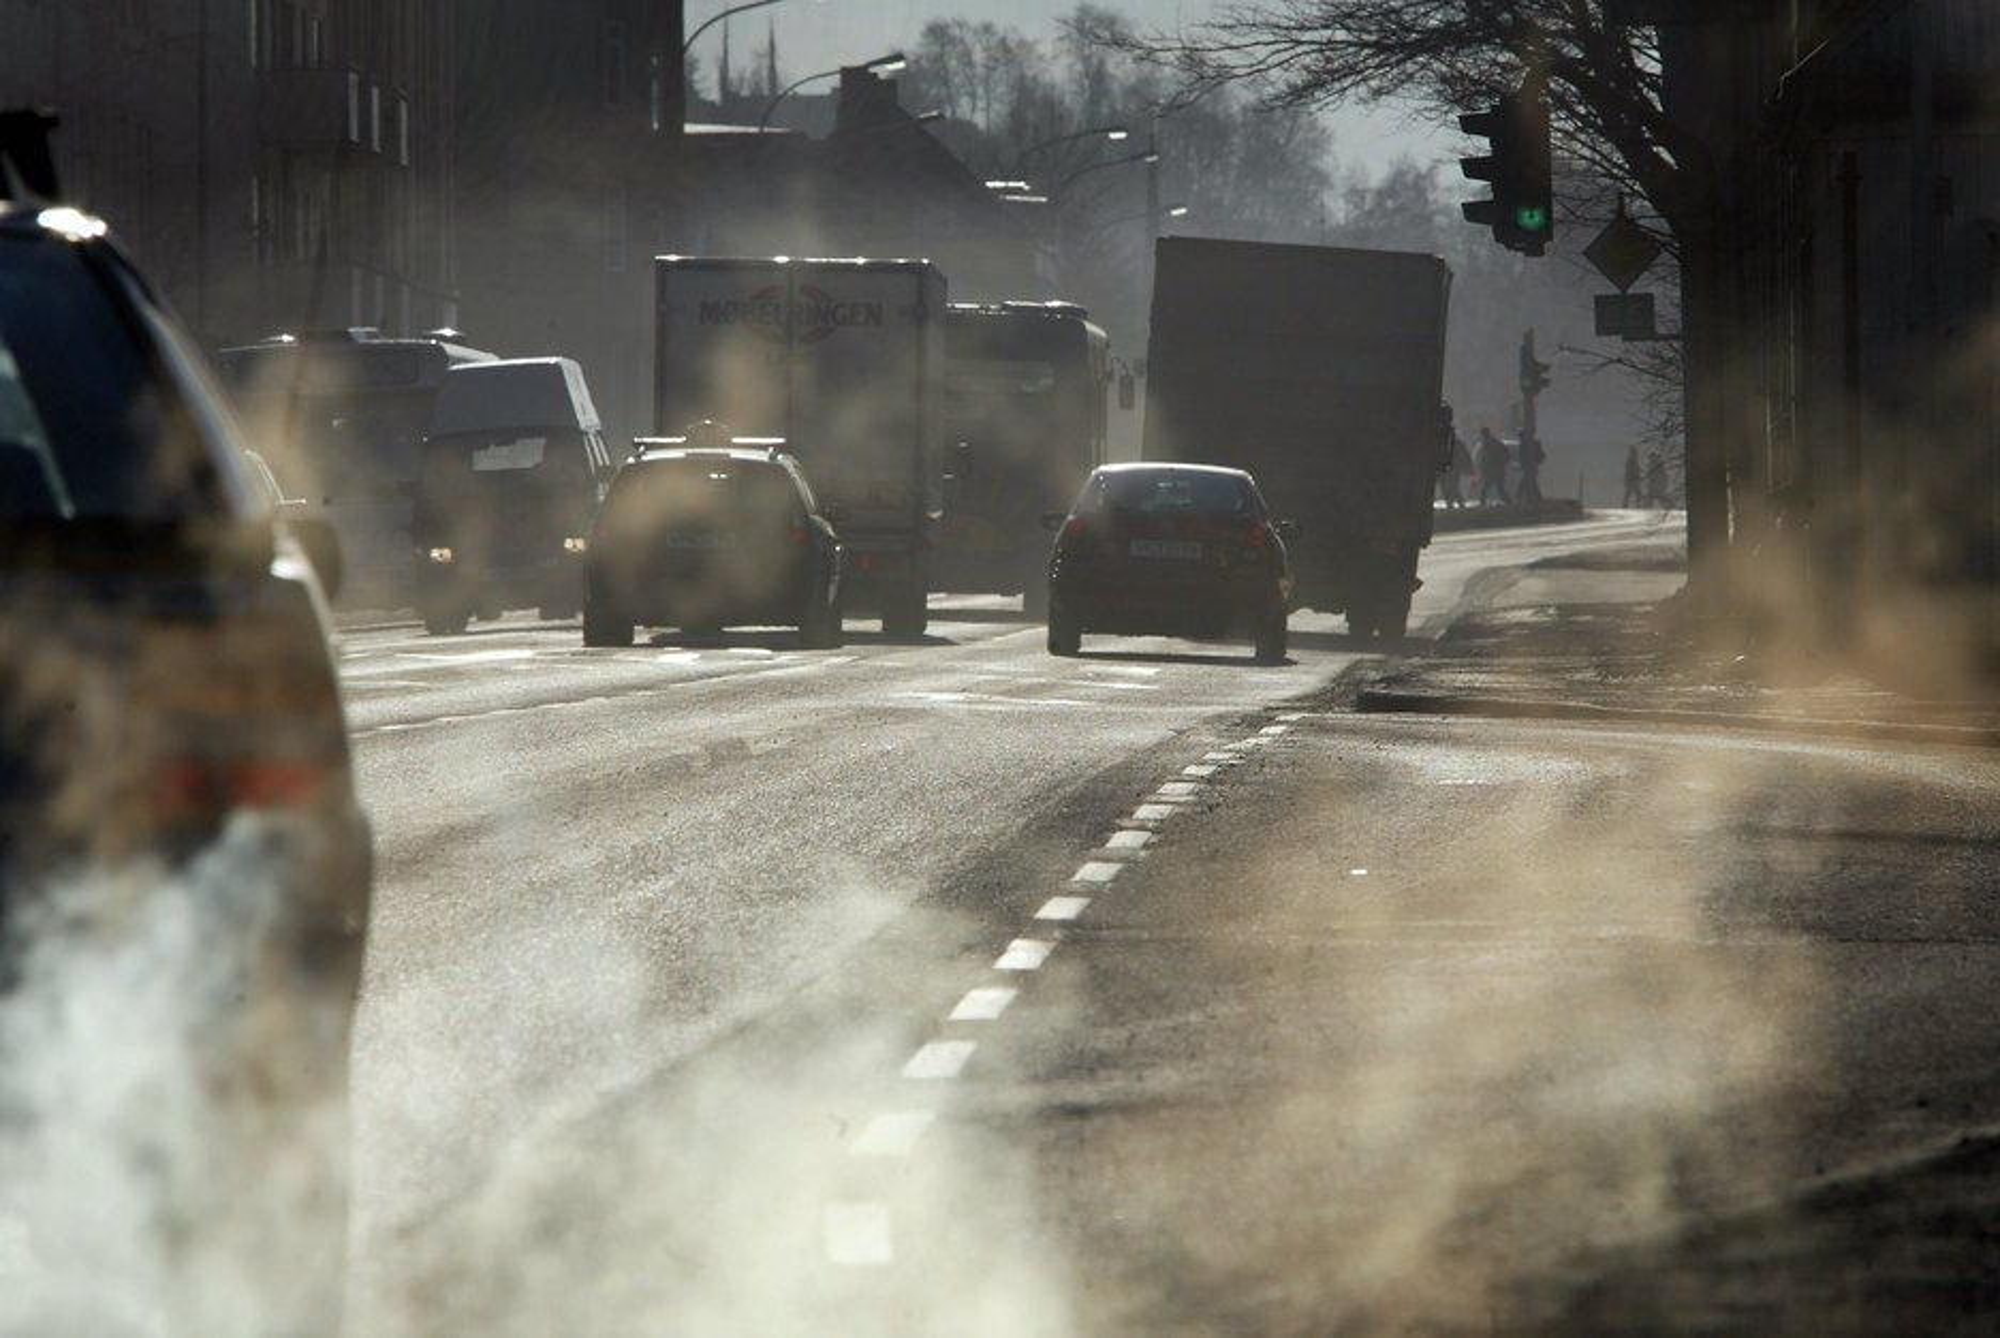 Dagens testing av dieselbiler er ikke realistisk, mener forskere.